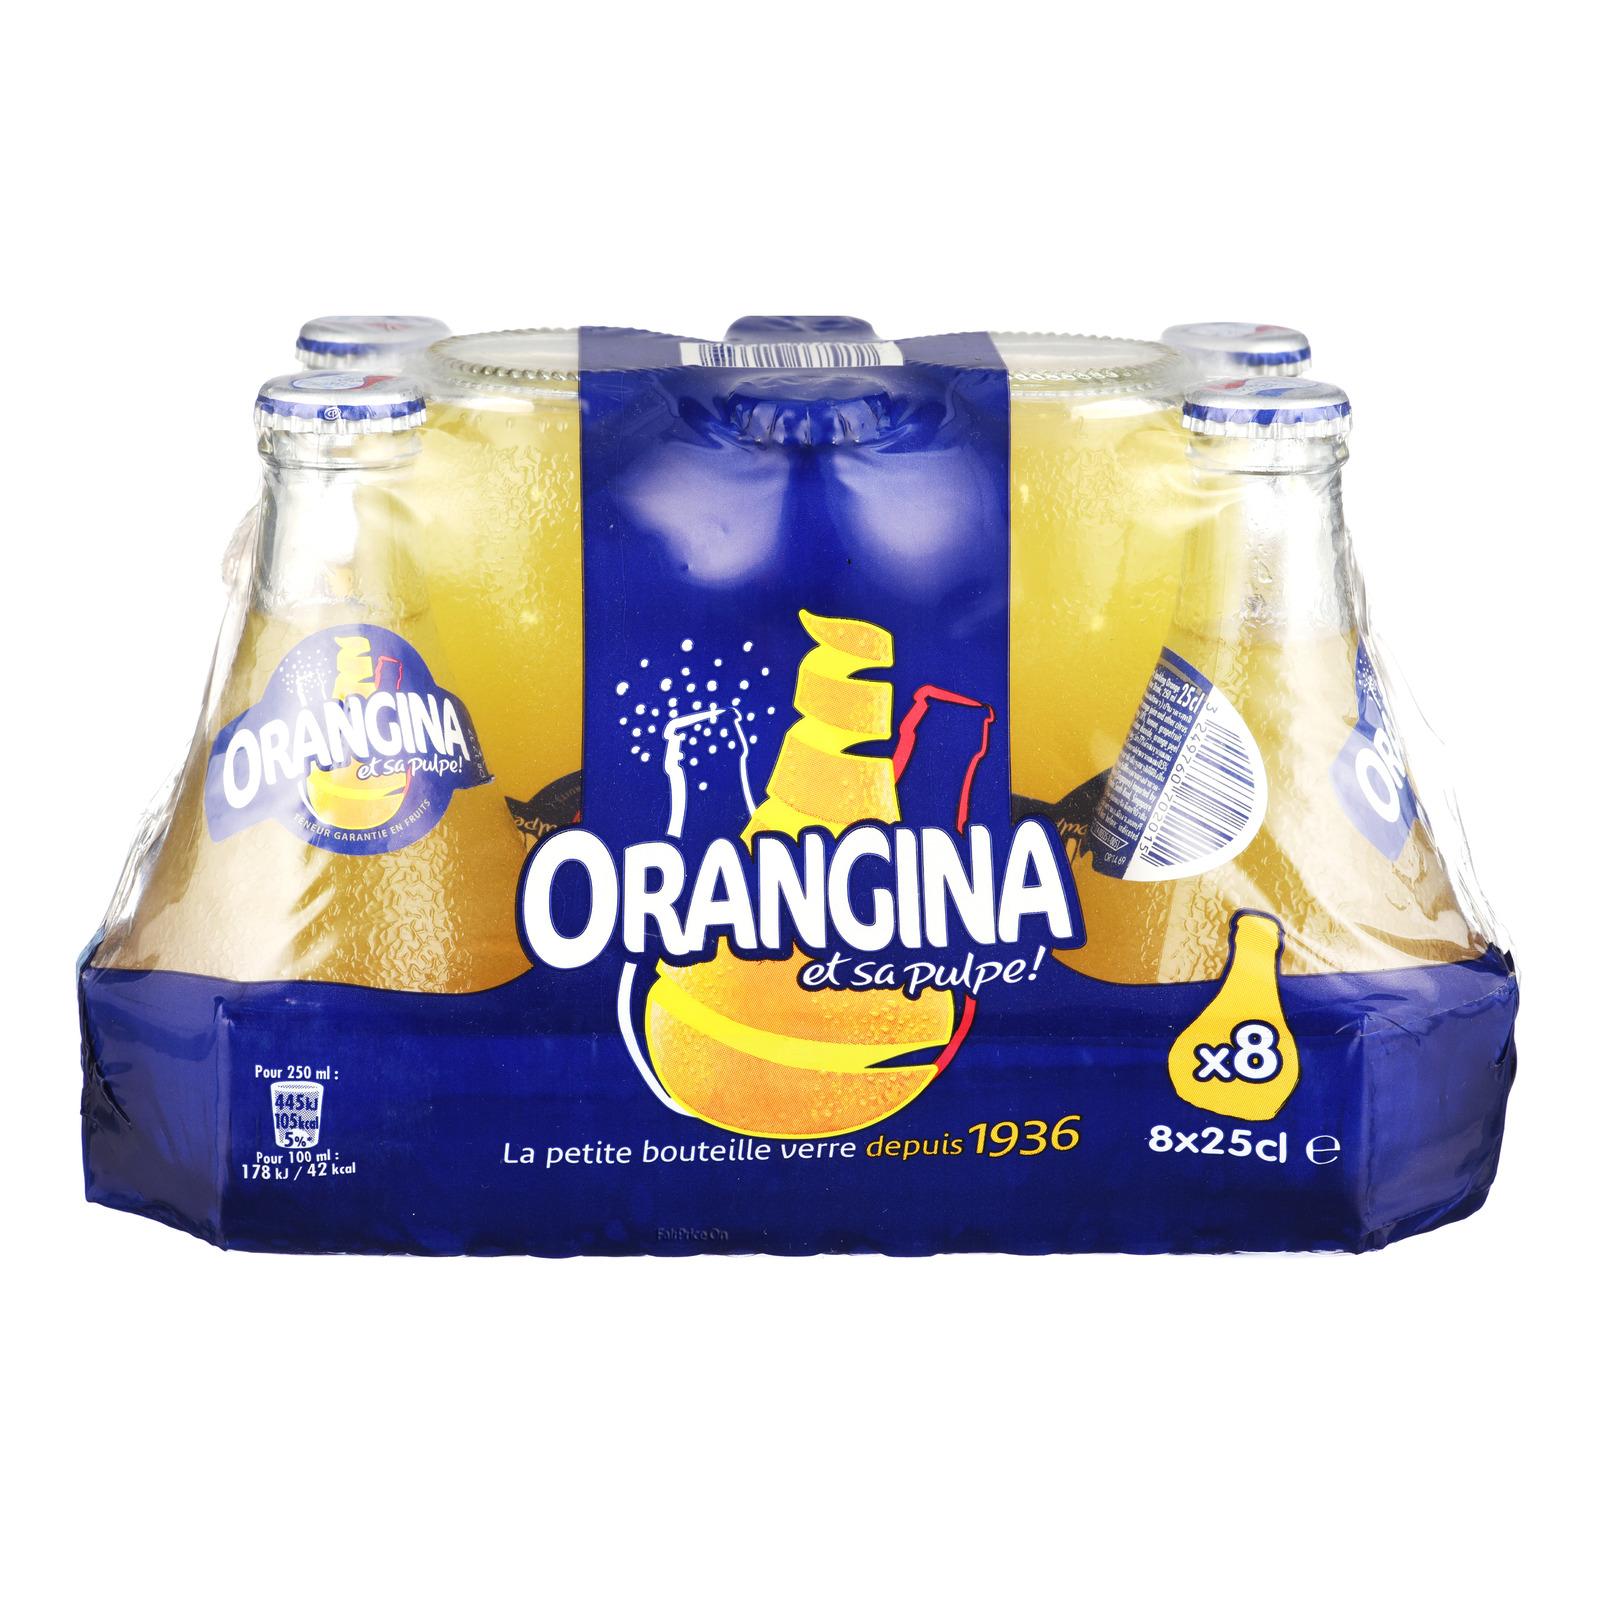 Orangina Sparkling Bottle Drink - Orange